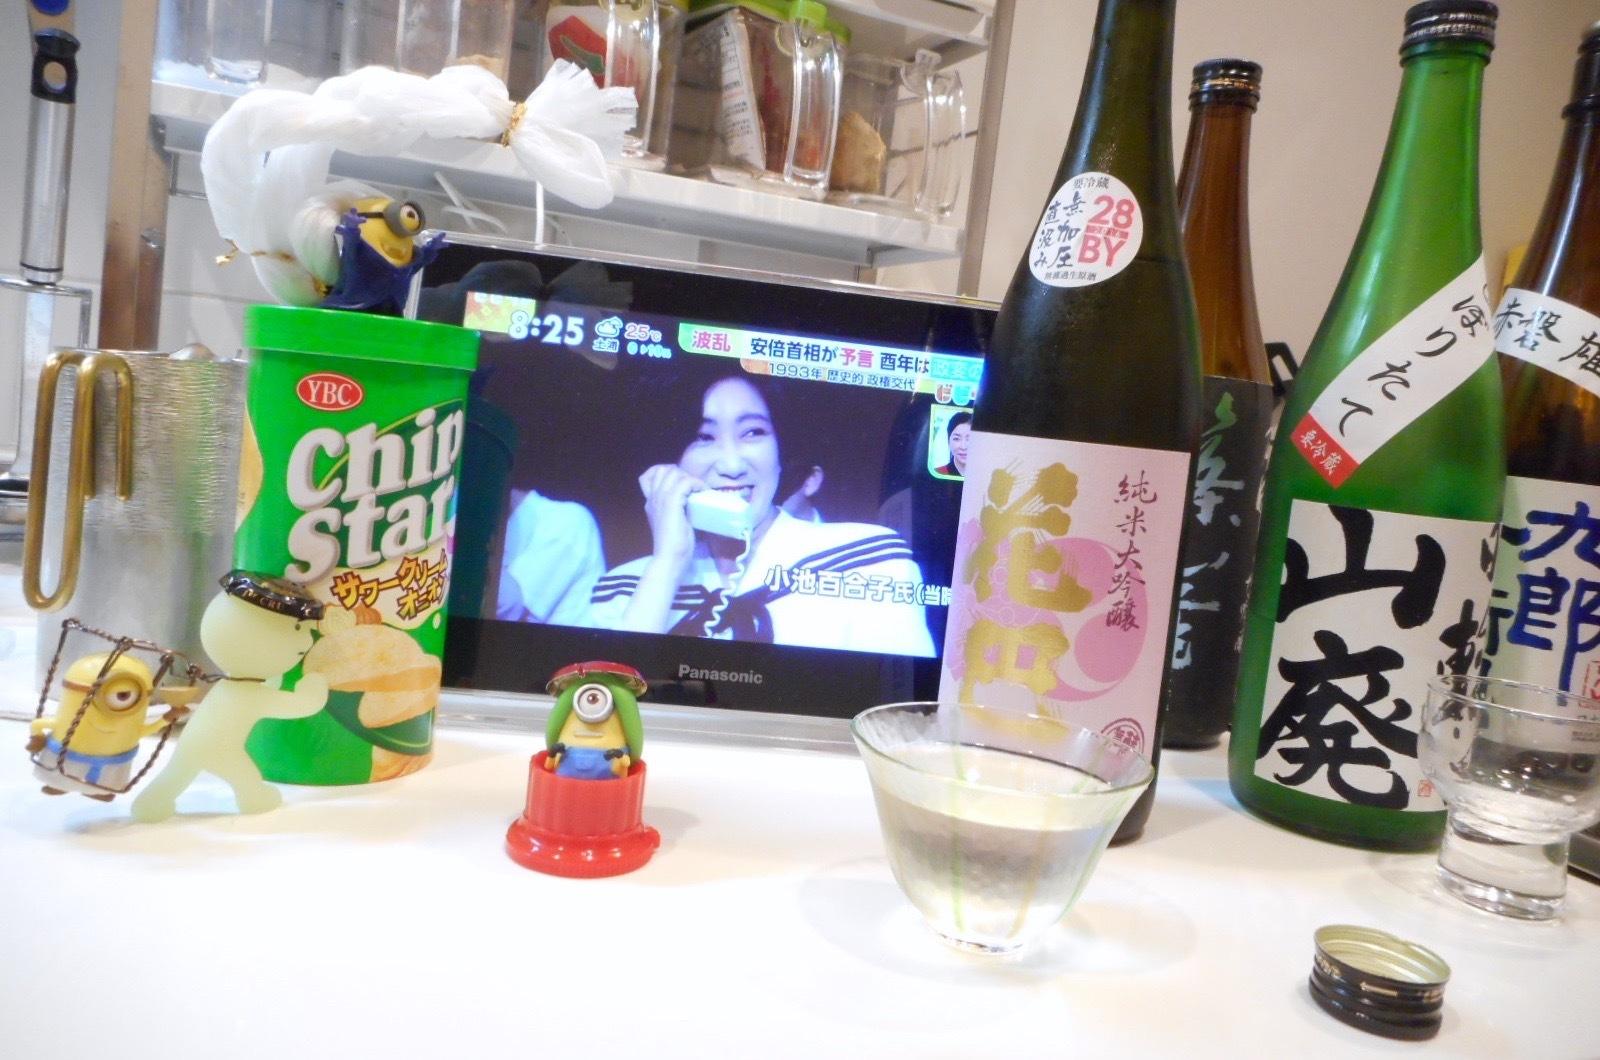 hanatomoe_sokujou_jundai_omachi28by6.jpg